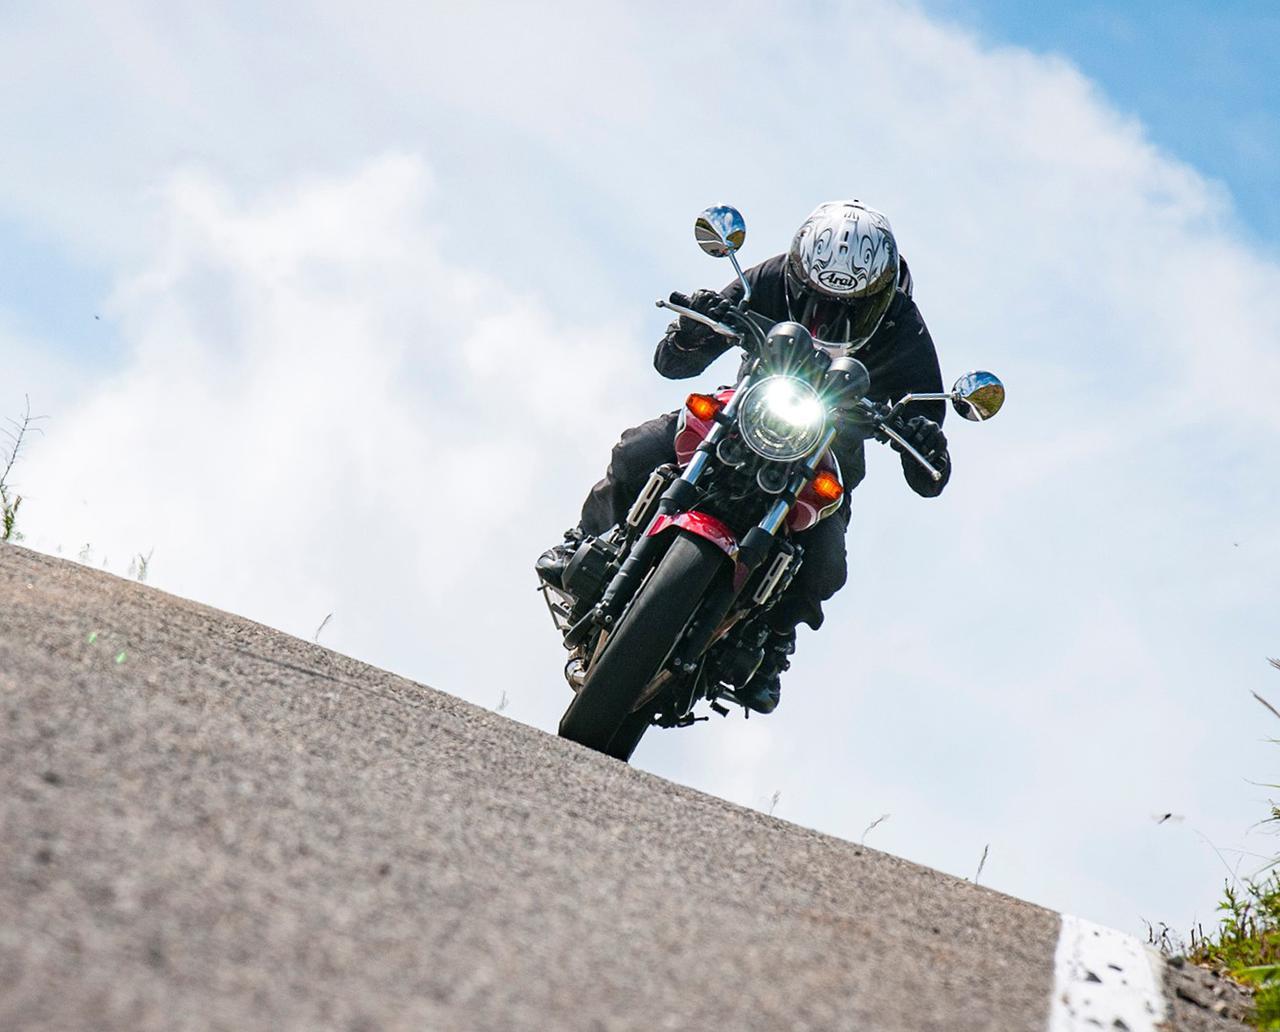 画像: 400ccのバイクに、ちゃんと乗ったことってありますか?【CB400SF/前編】